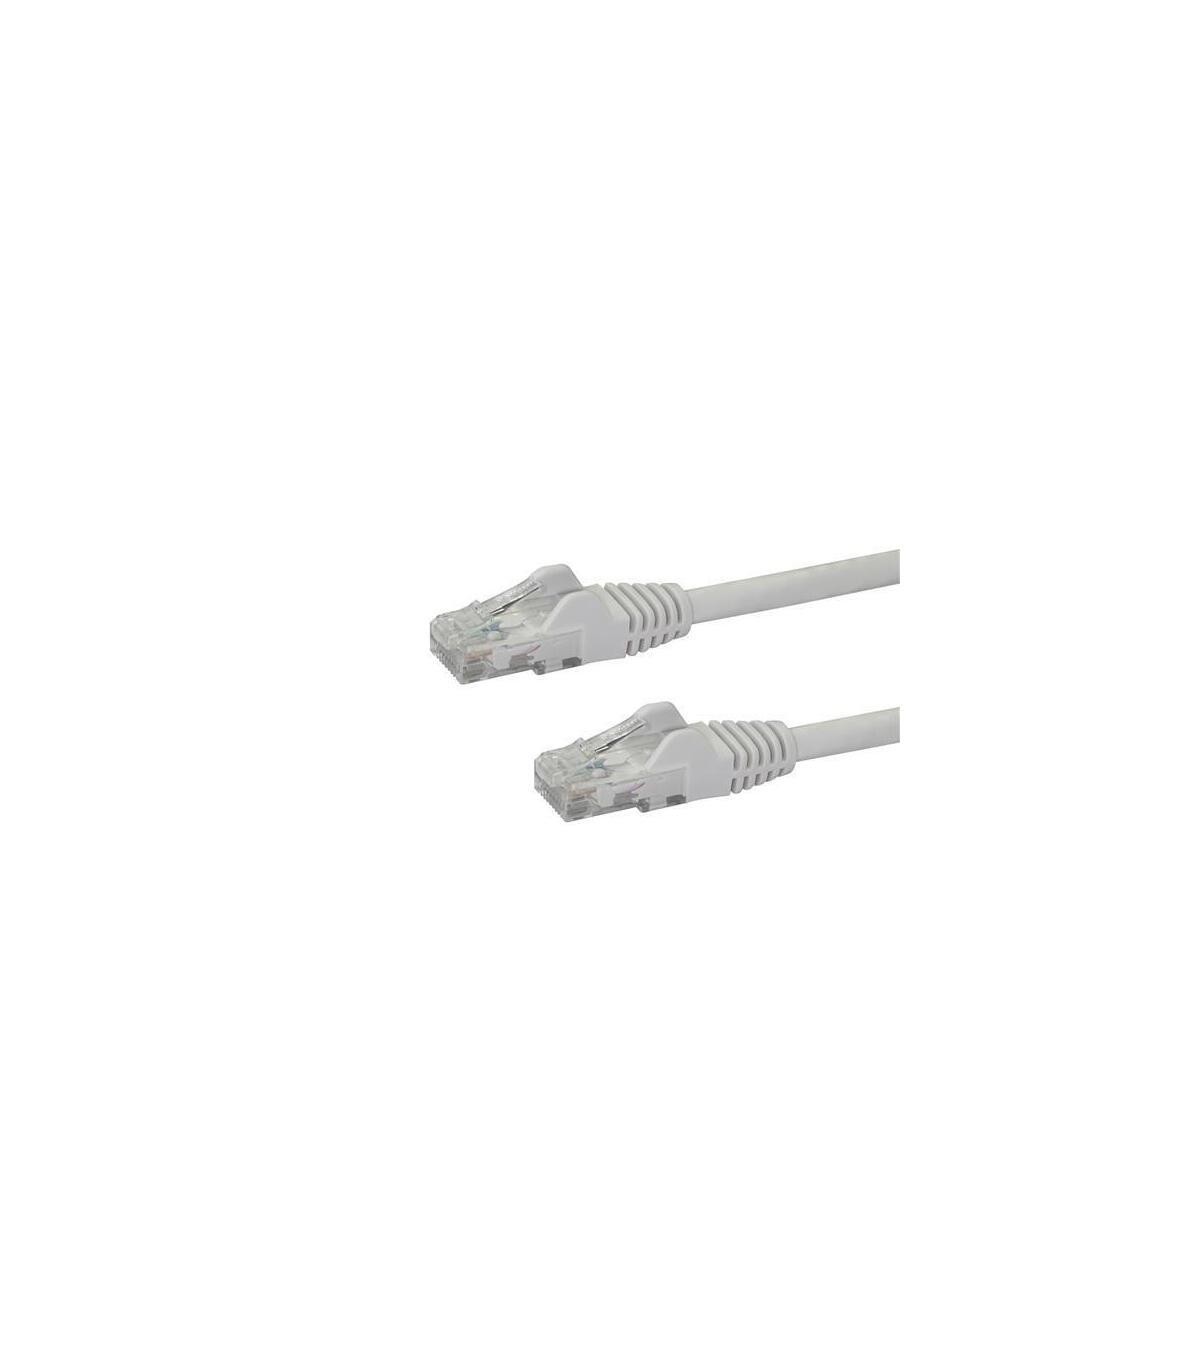 StarTech.com Cat6a Ethernet Cable STP Aqua Shielded - 2 m